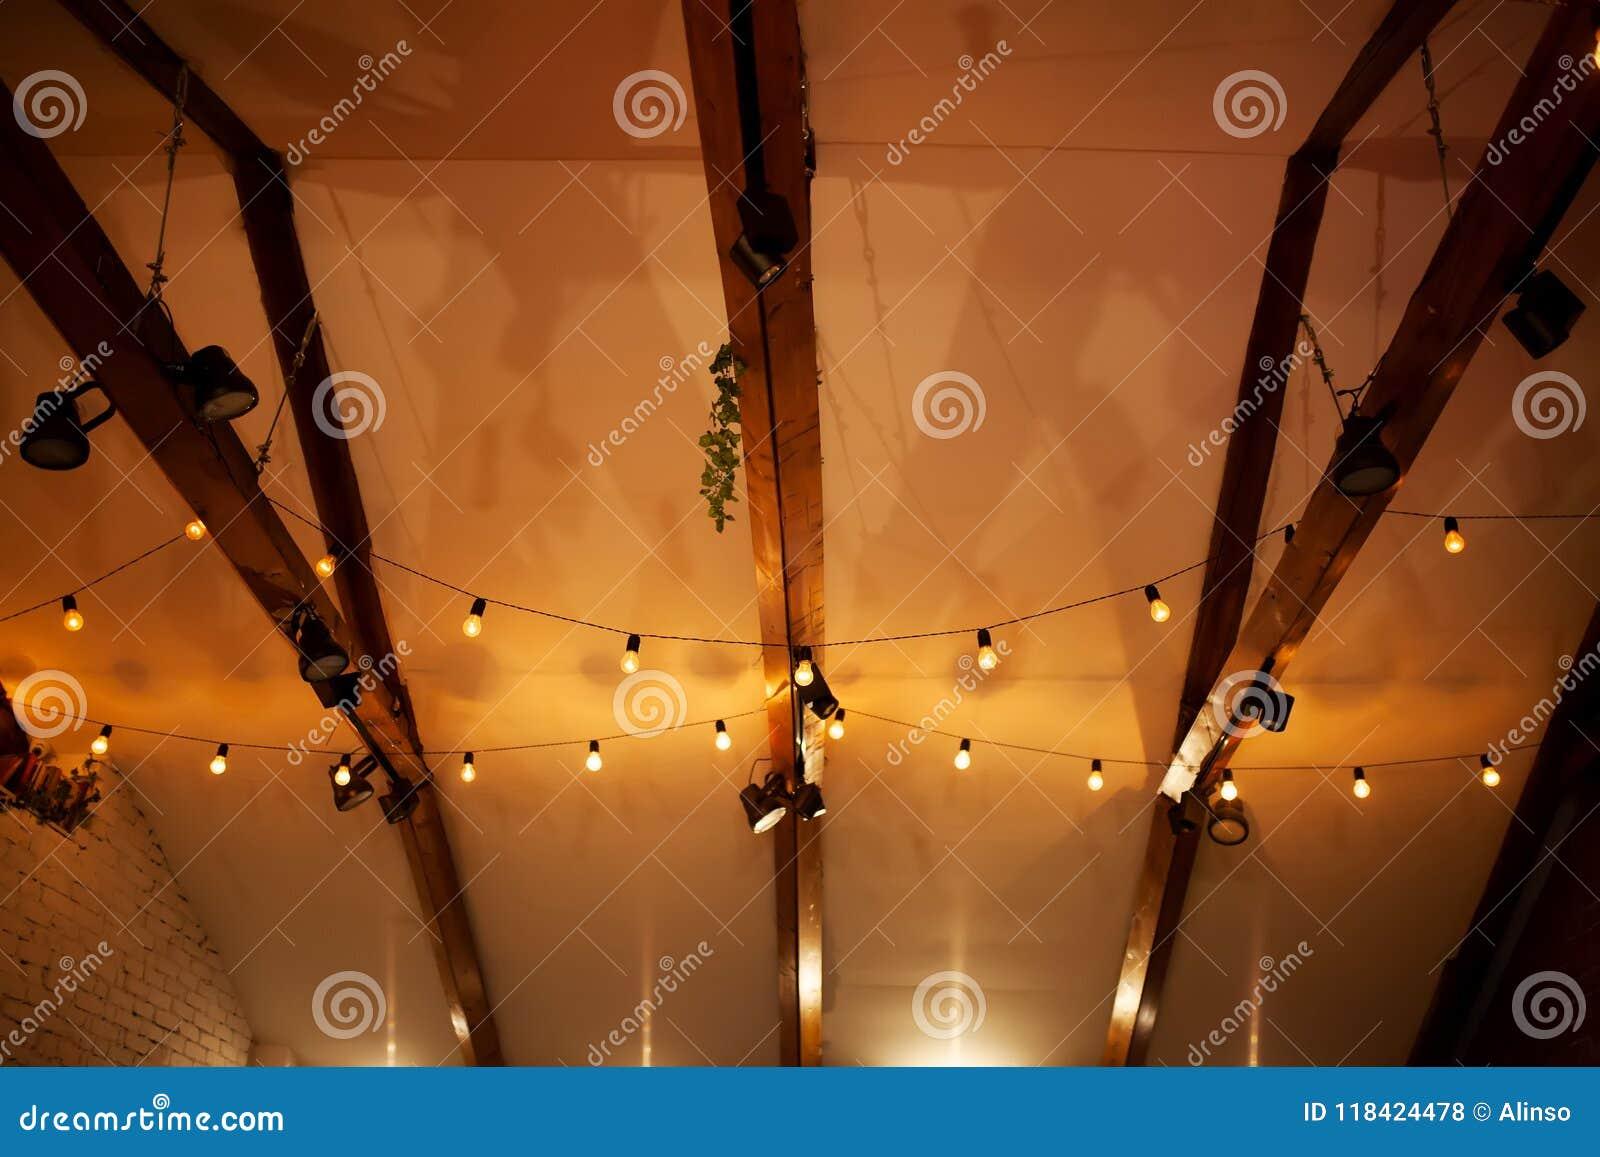 Zolderbinnenland, plafond witn laterns